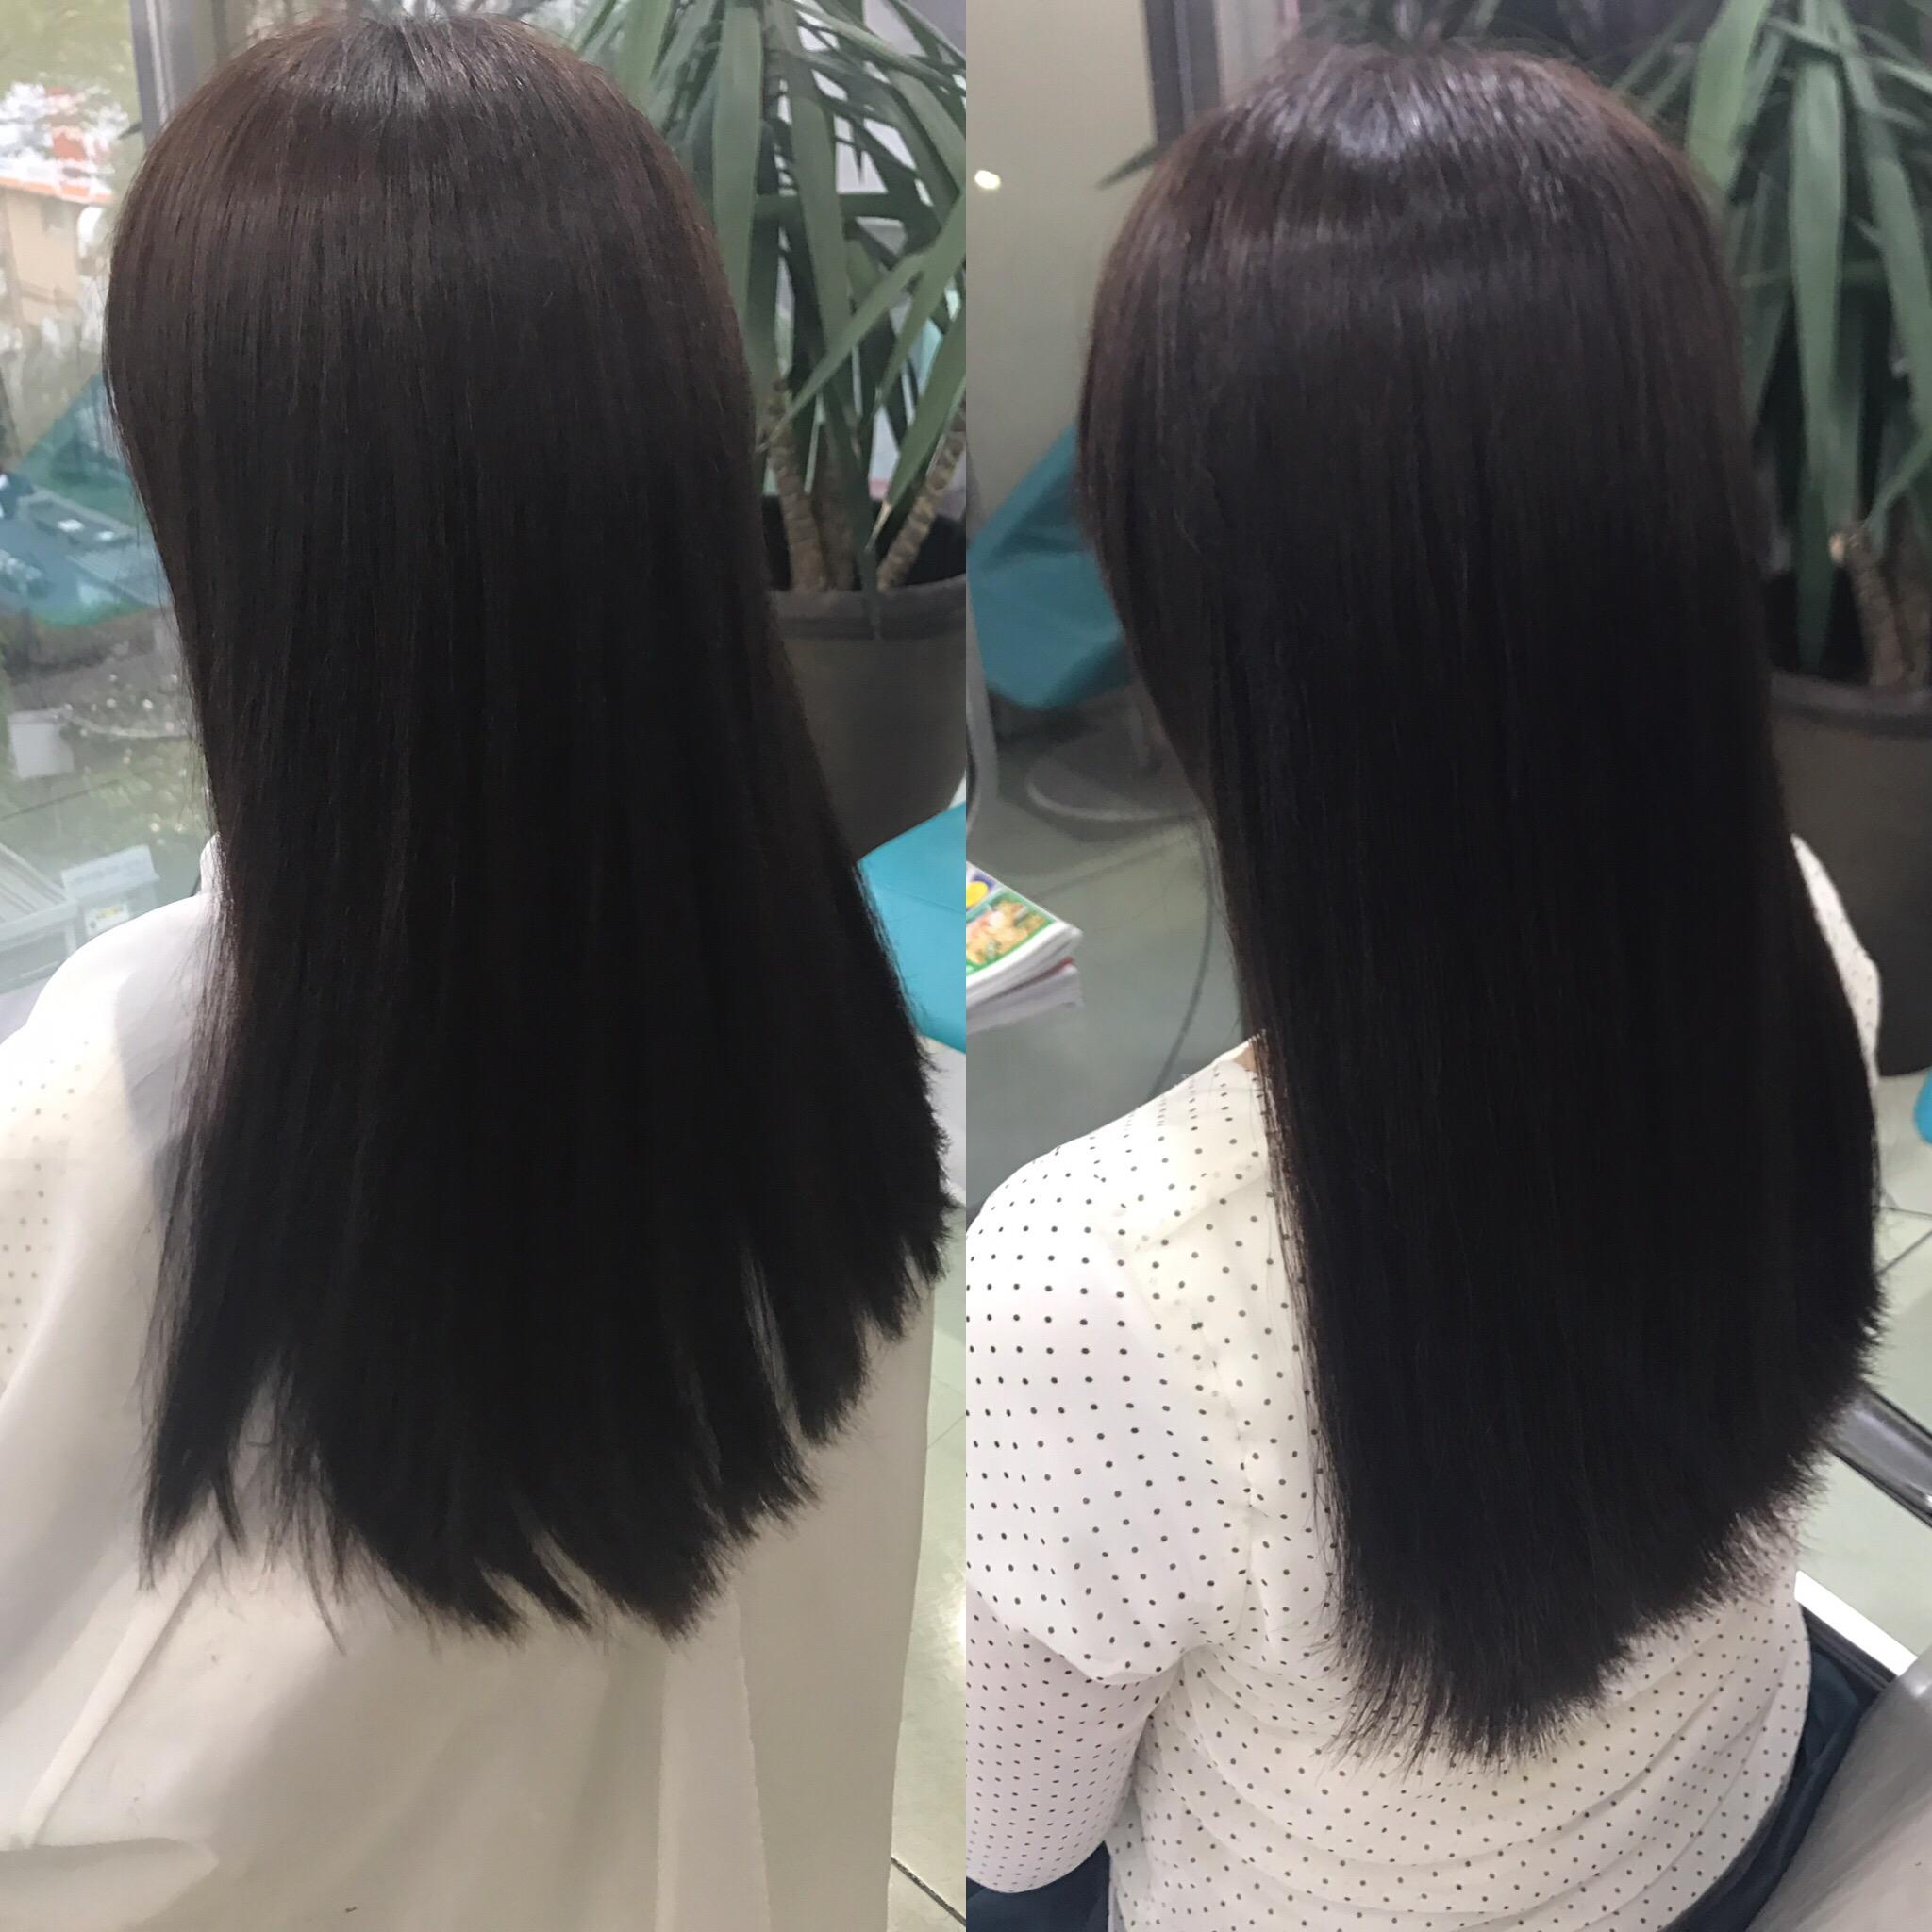 積み重ねて出来上がっていく綺麗でまとまる髪質。ふと思った人の成長へのつぶやきも^ ^